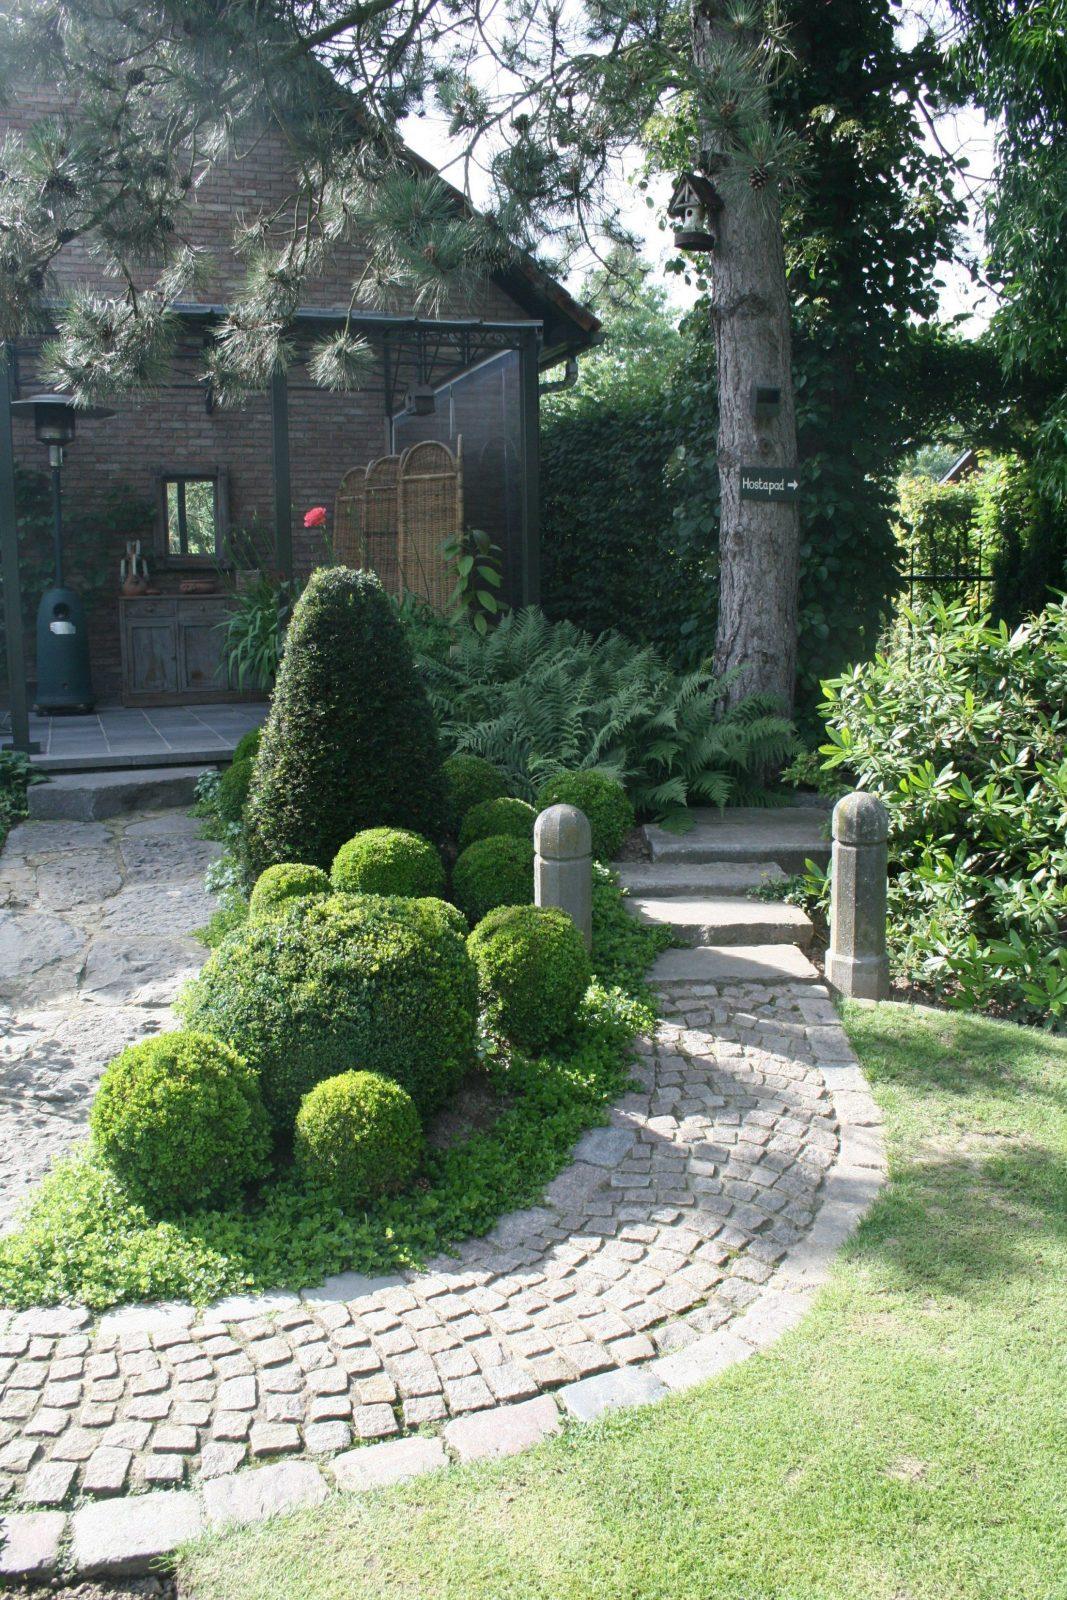 Tolle Deko Ideen Mit Steinen Im Garten Konzept Garten Design Ideen von Gartengestaltung Ideen Mit Steinen Photo